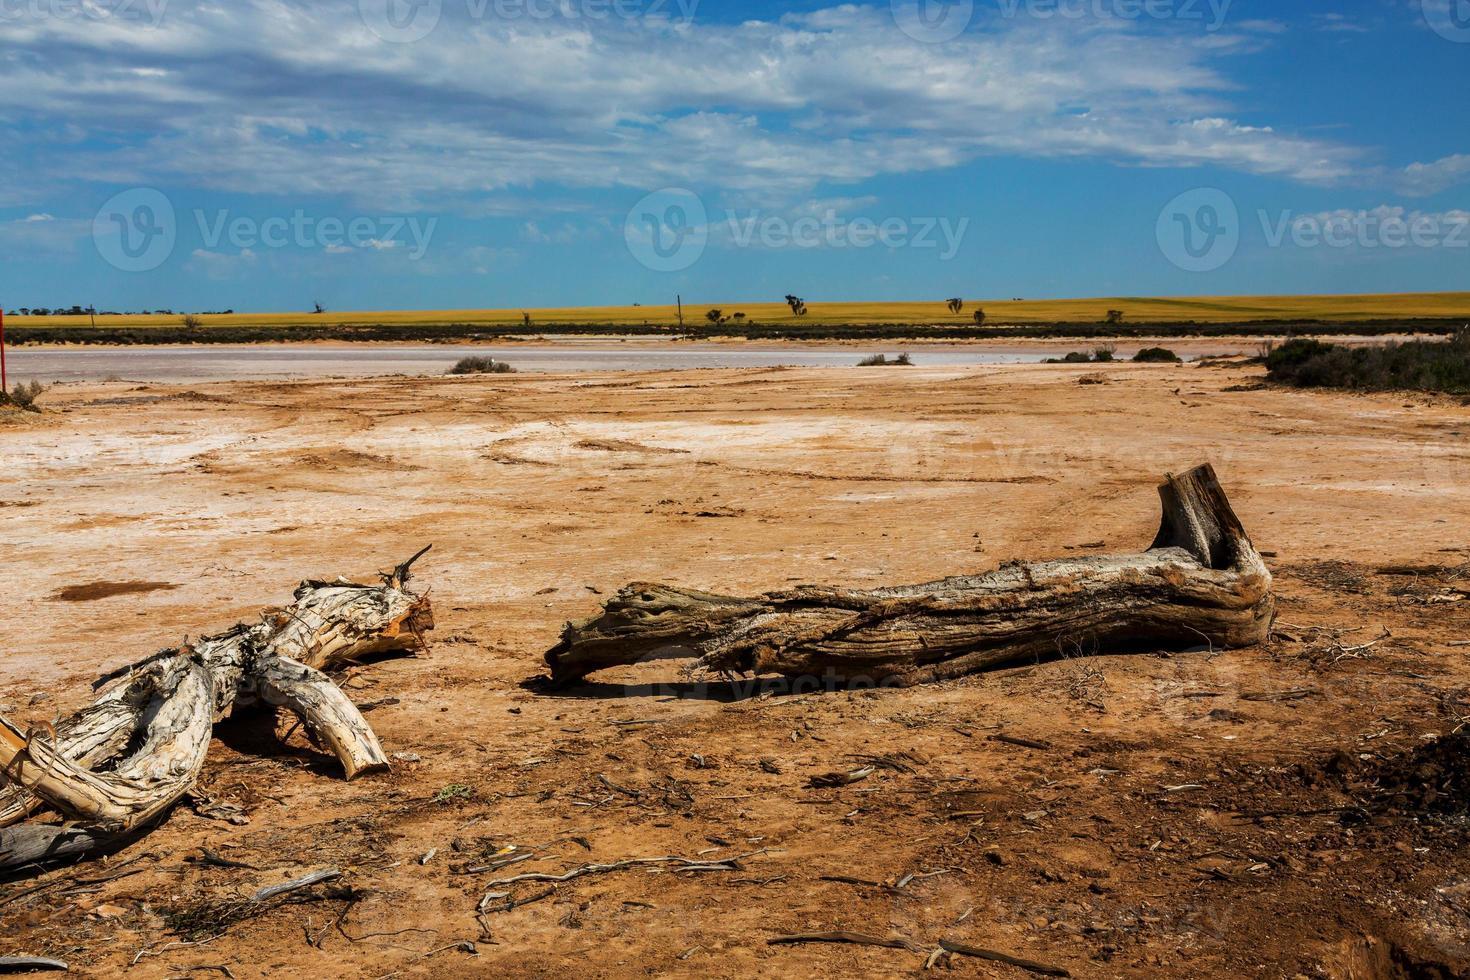 sjö tyrrell nära sjön foto